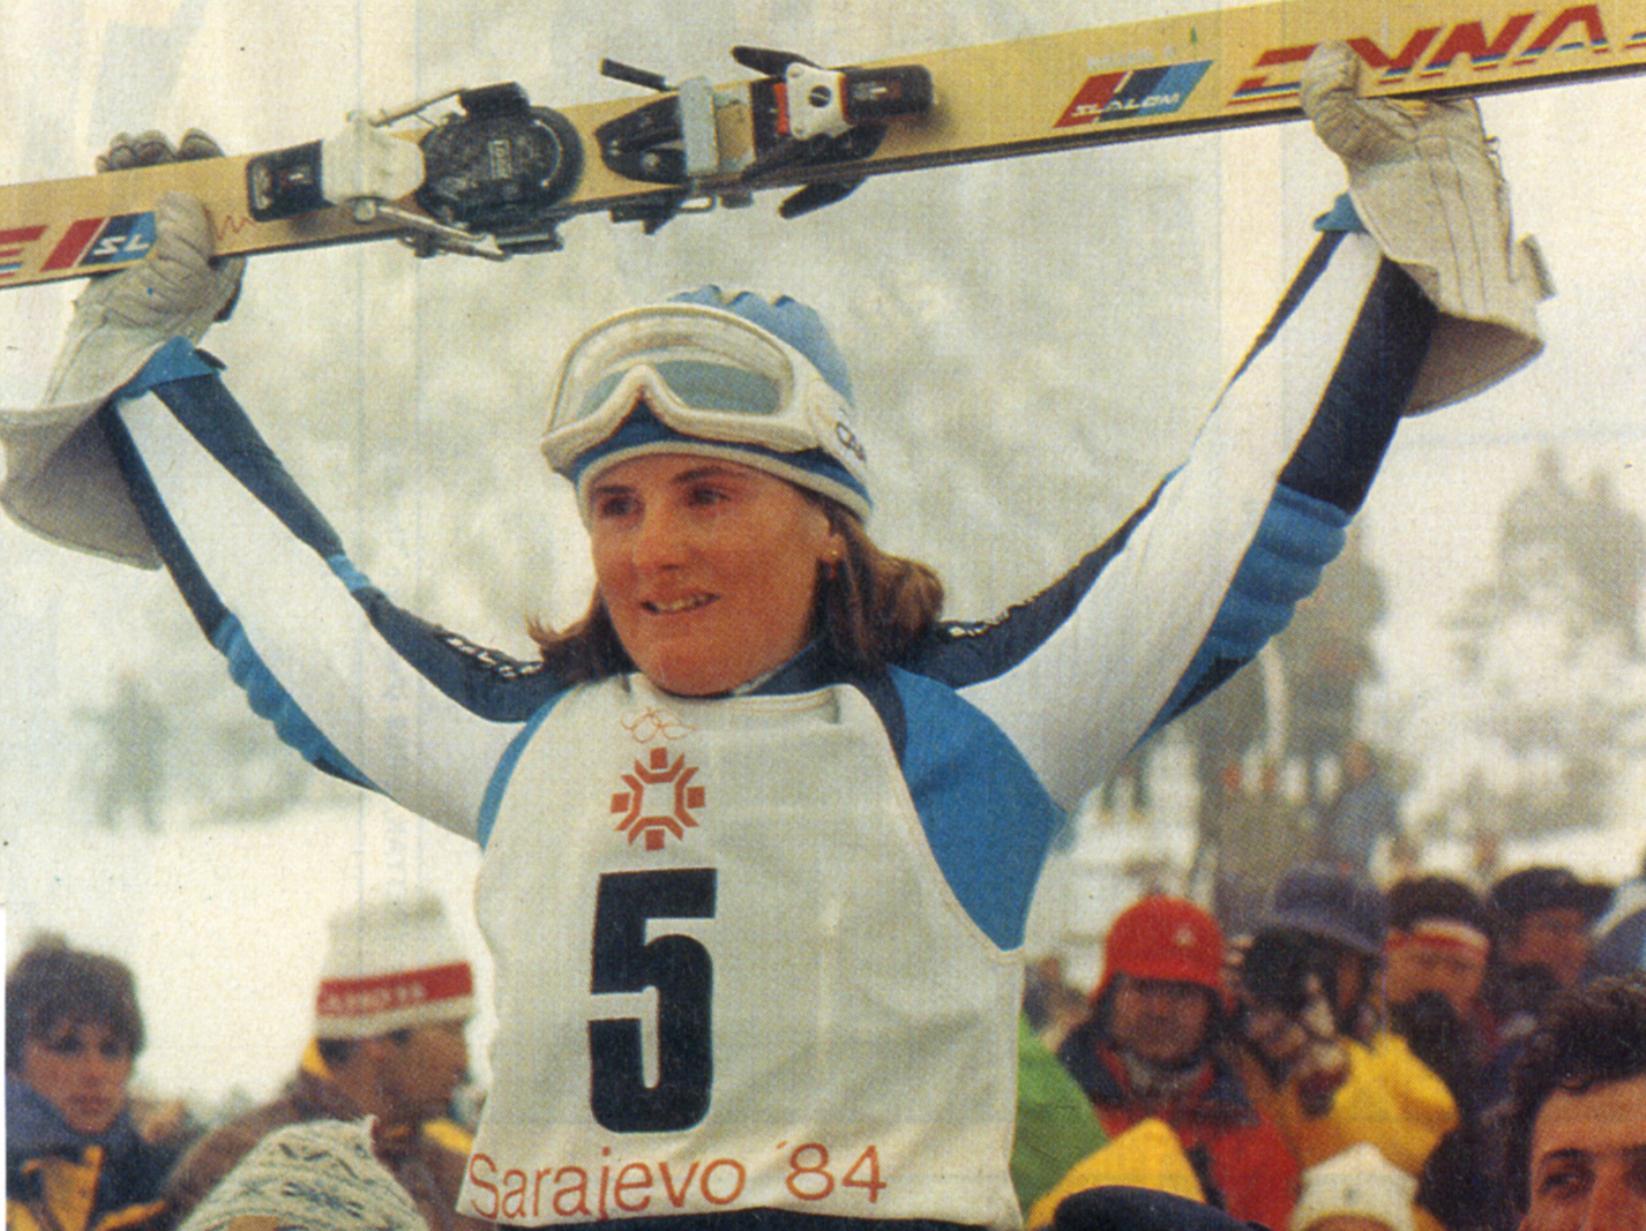 Storie Olimpiche - Sarajevo 1984, lo storico oro di Paoletta Magoni